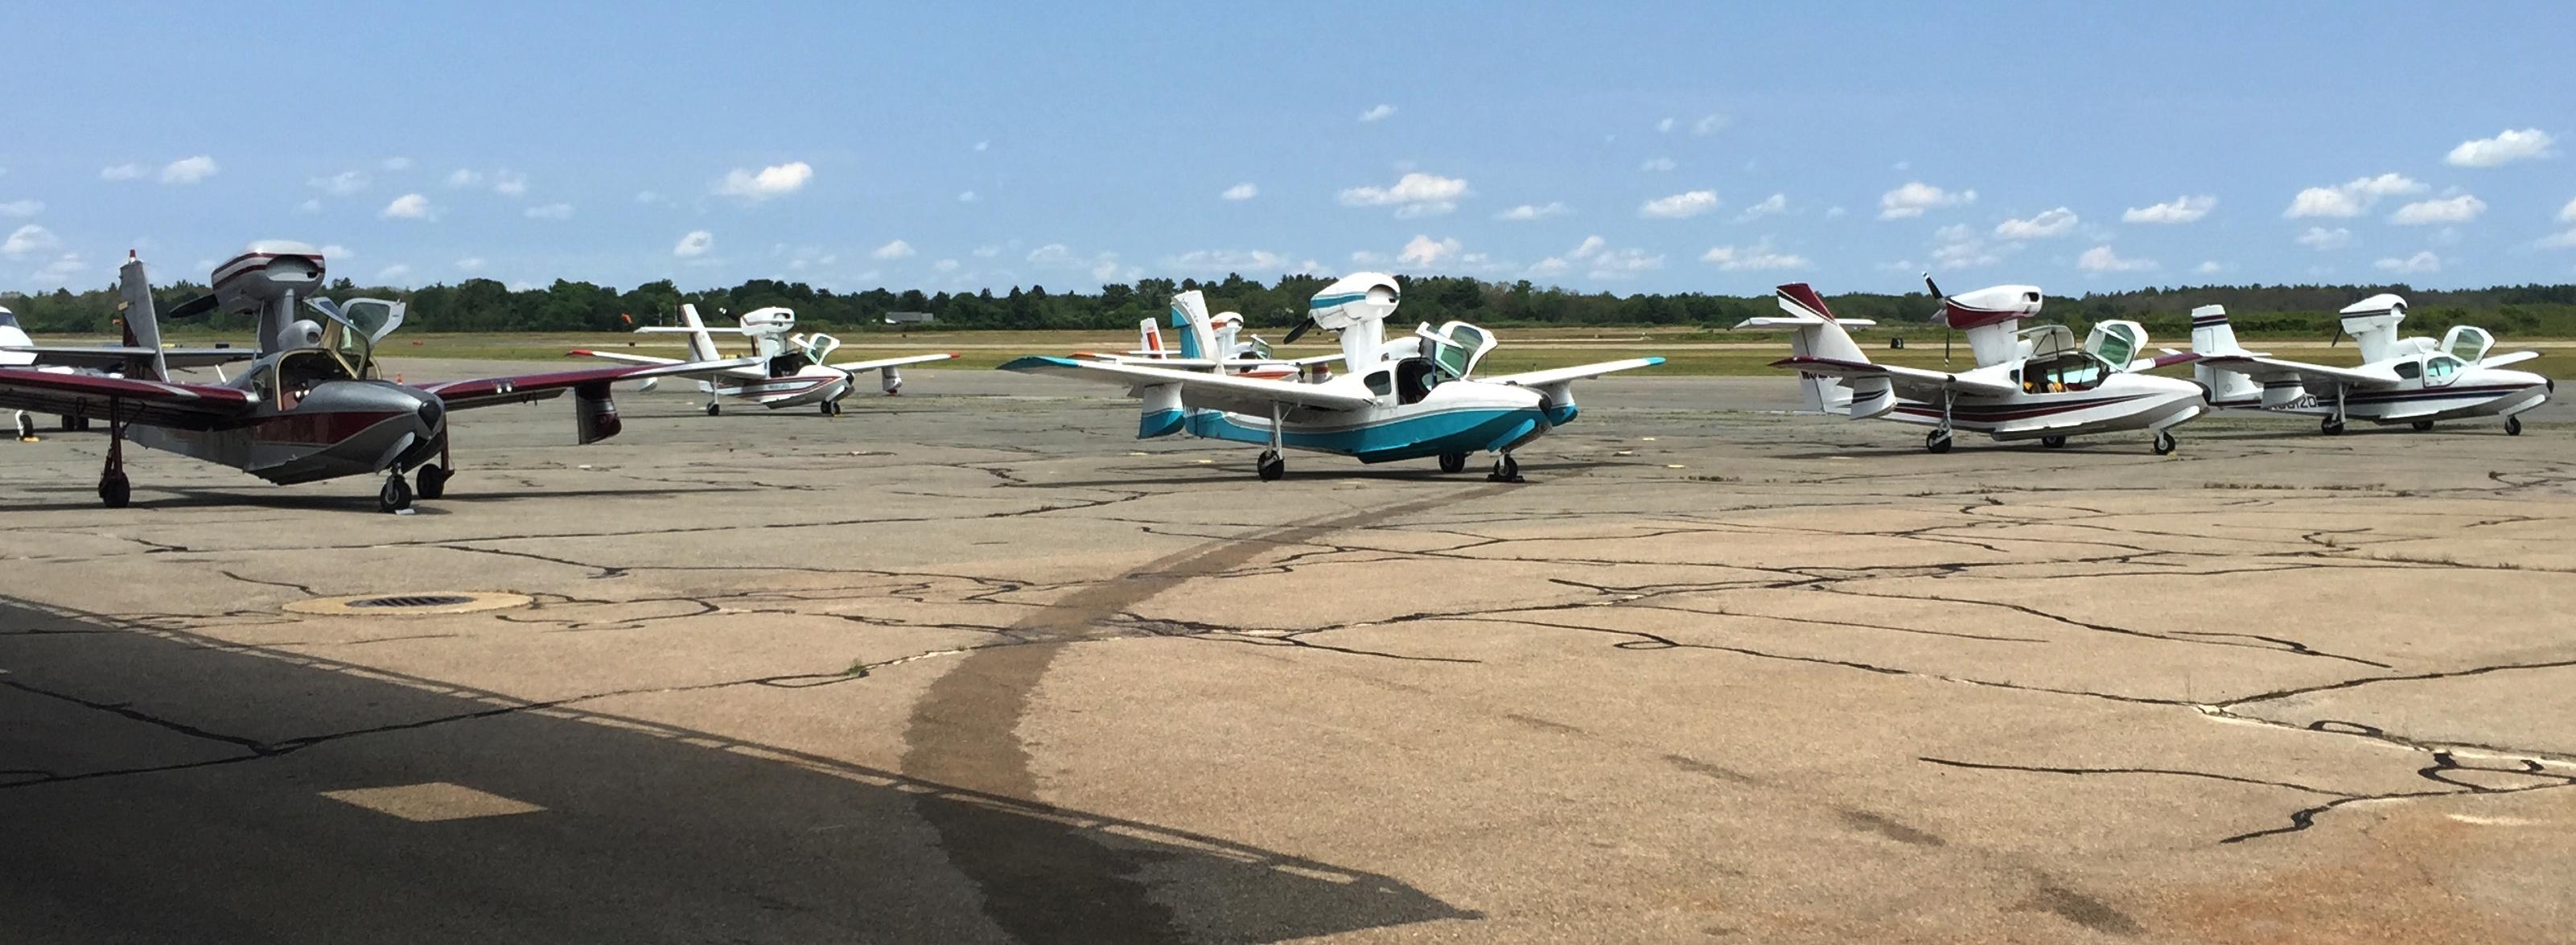 Lake Aircraft Fly In at EWB